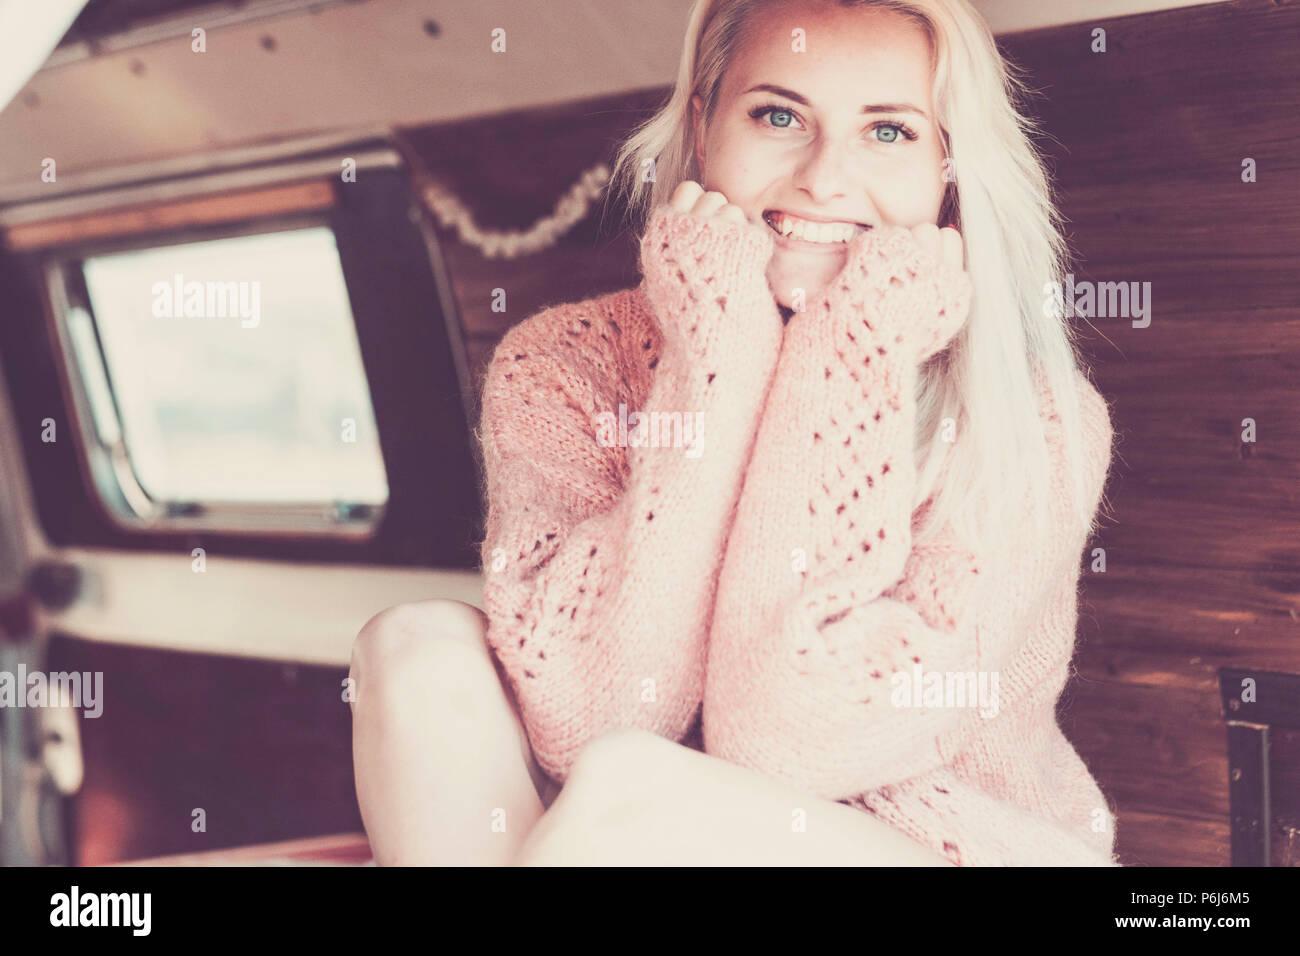 Belle blonde modèle caucasien blanc avec peau beauté visage sourire en vous regardant la caméra. s'asseoir dans un van avec intérieur en bois prêt à voyager Banque D'Images